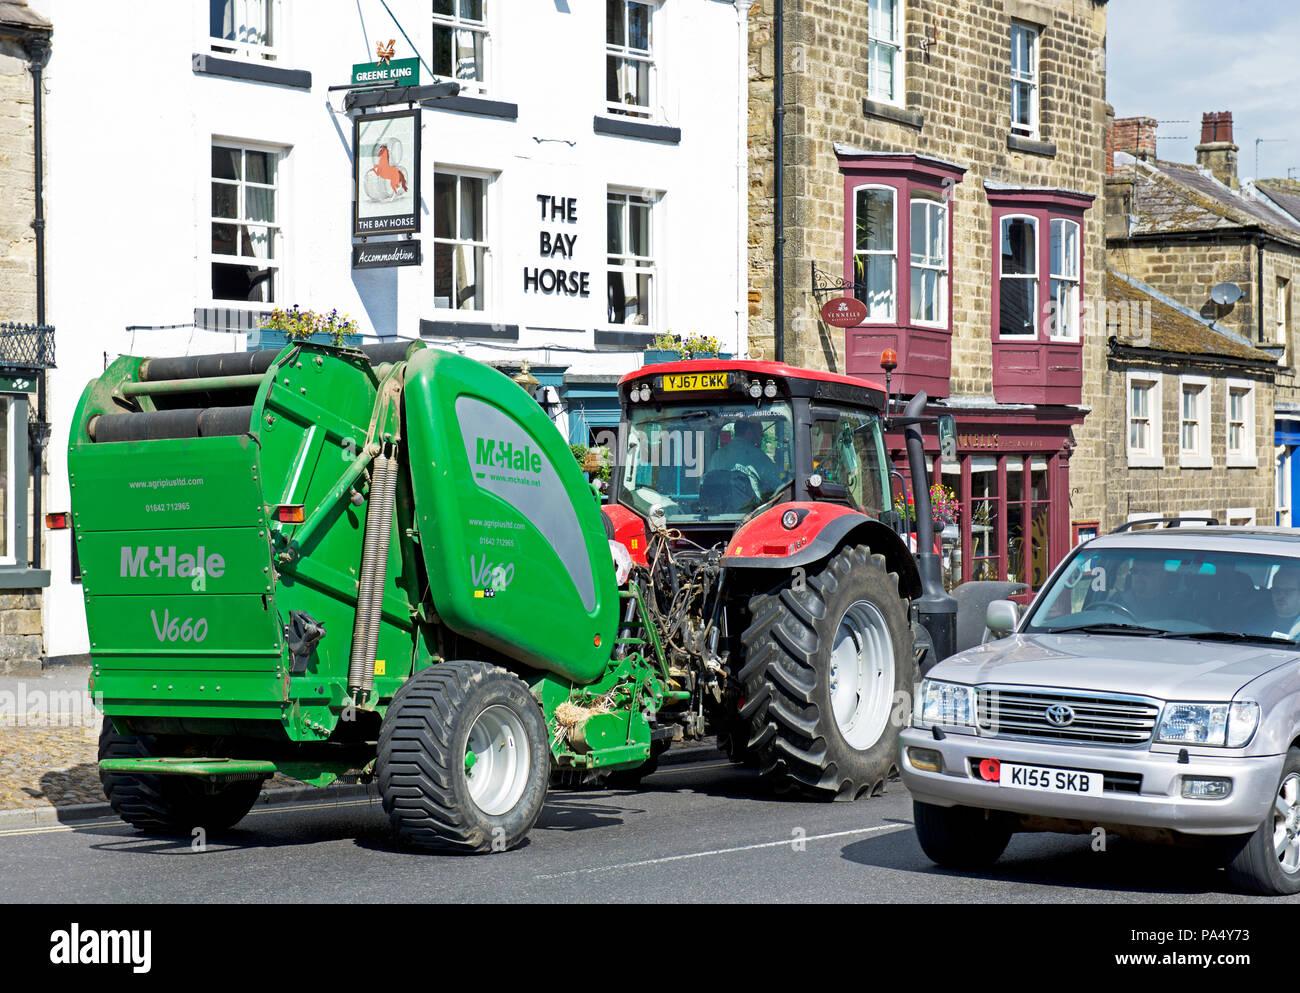 Tractor passing the Bay Horse pub, Masham, North Yorkshire, England UK - Stock Image